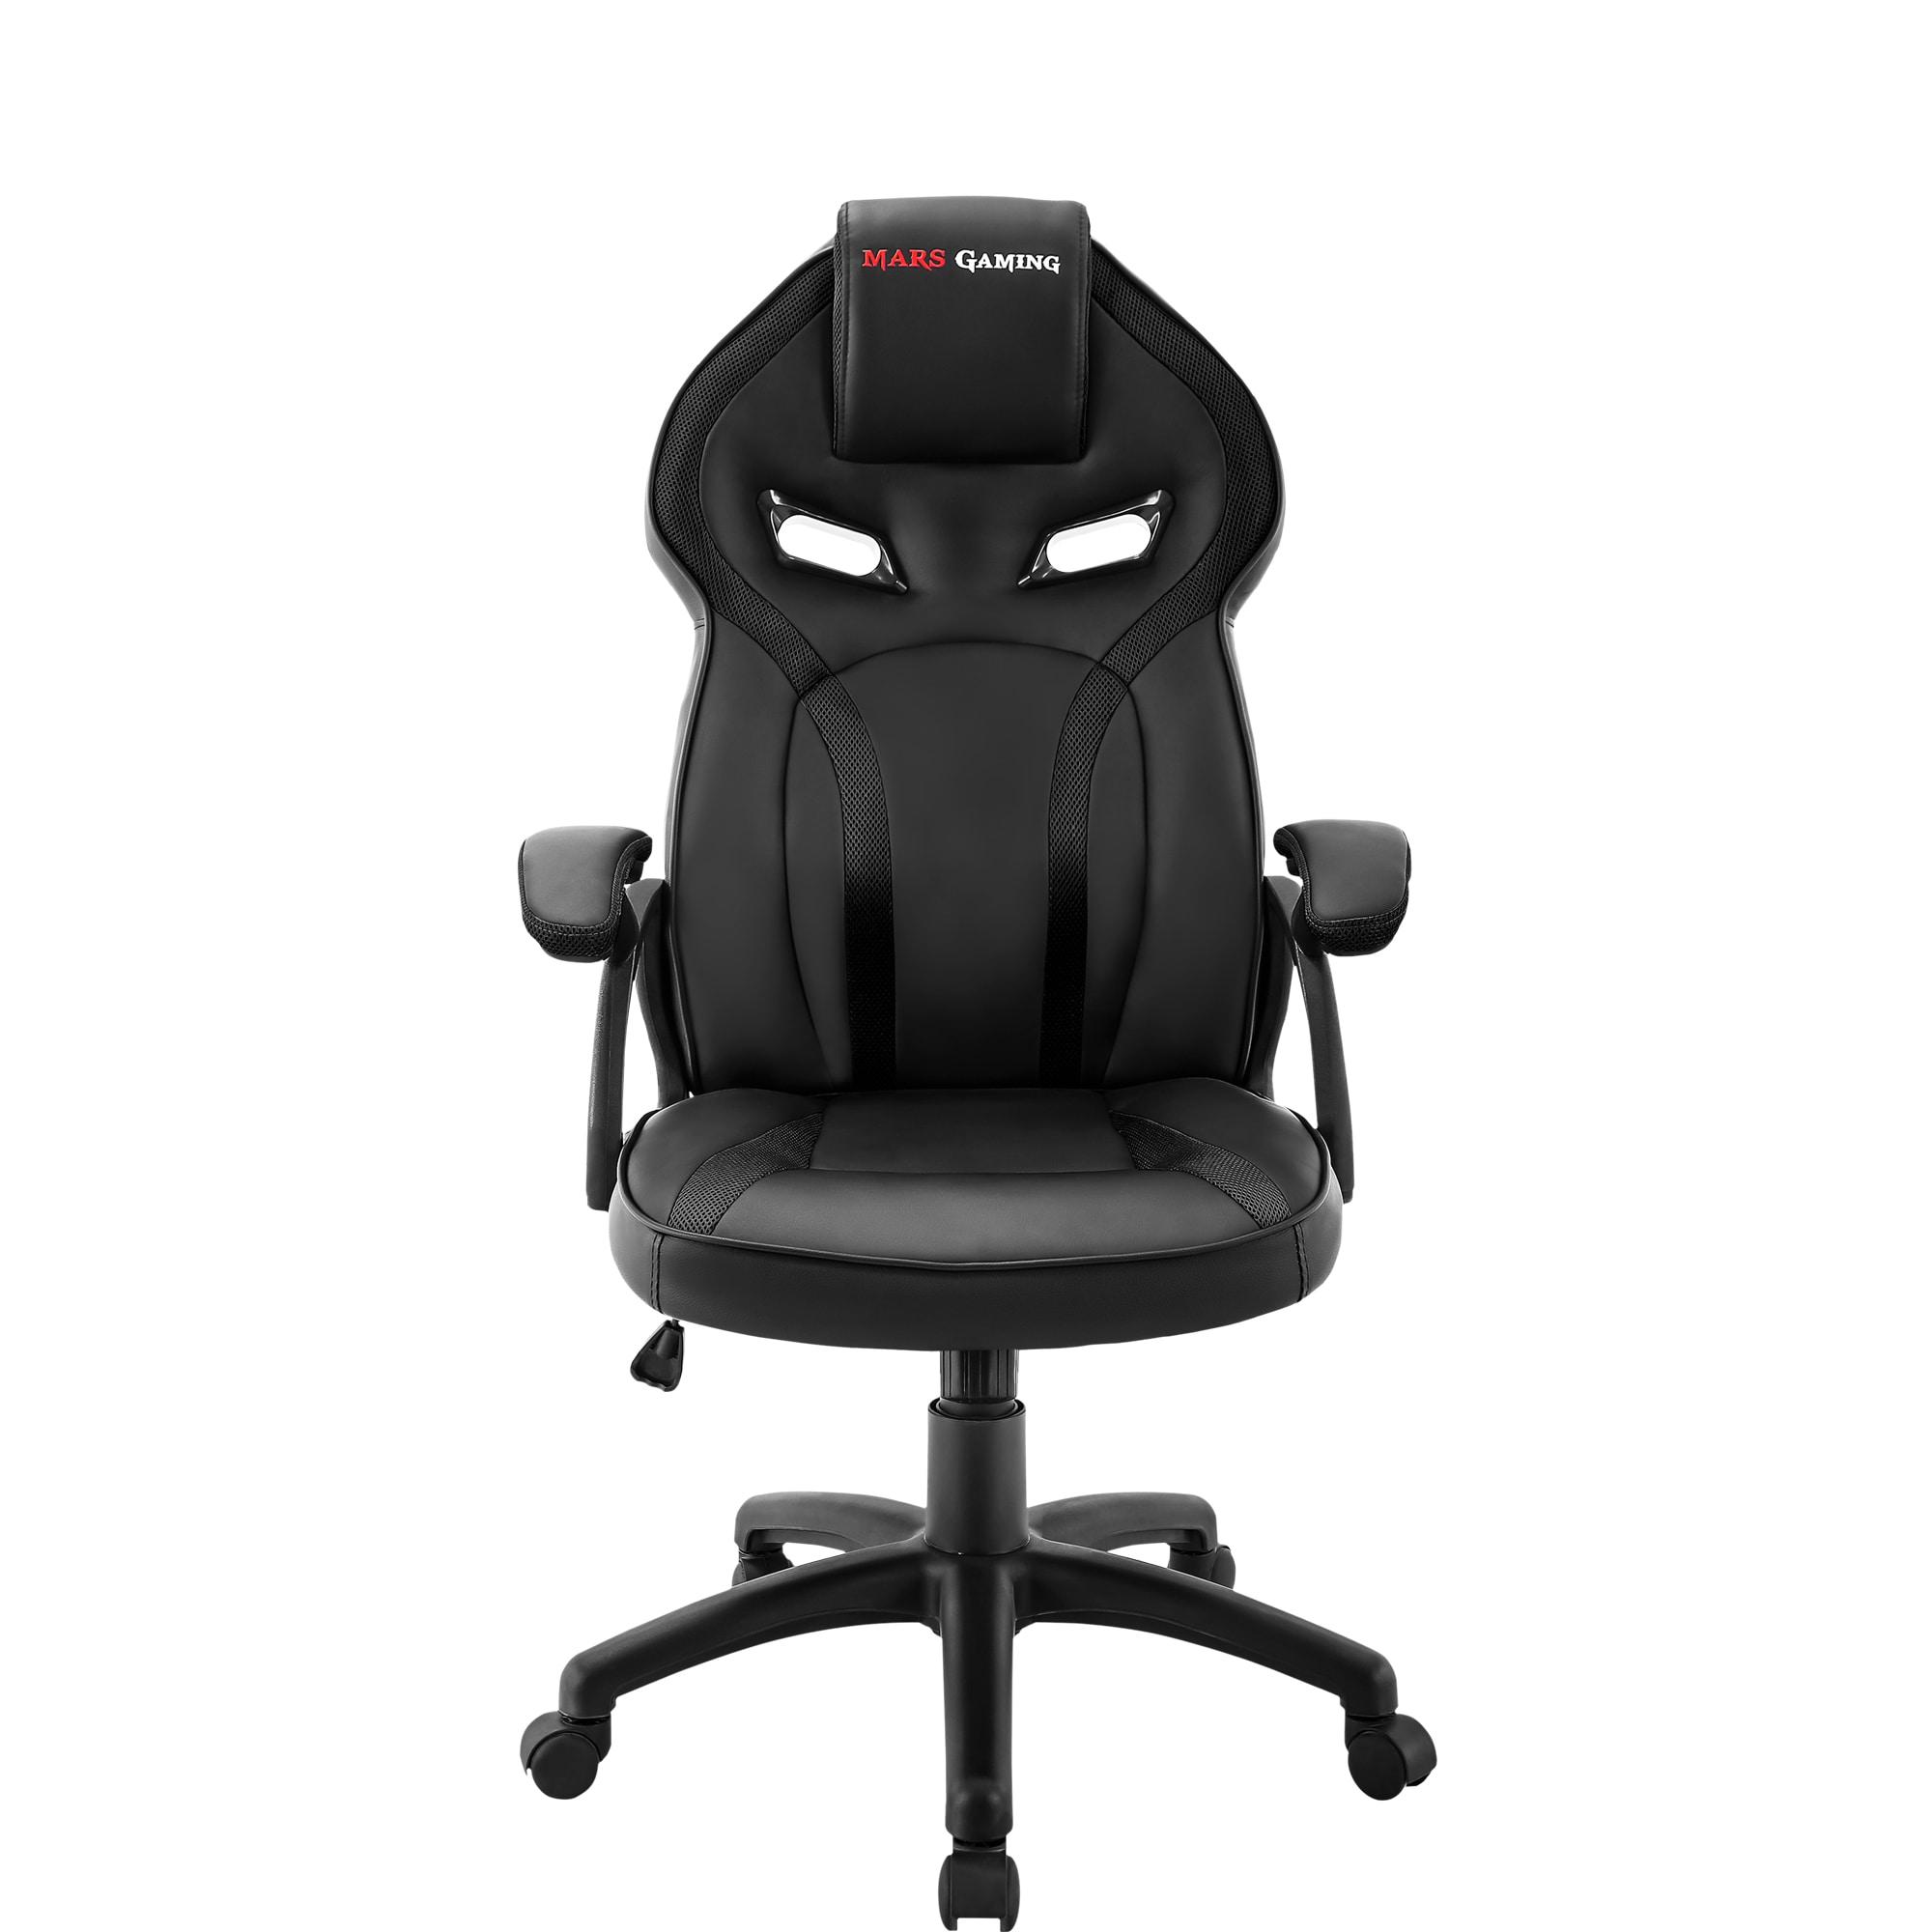 Mars Gaming MGC118 - Black gaming chair - 1